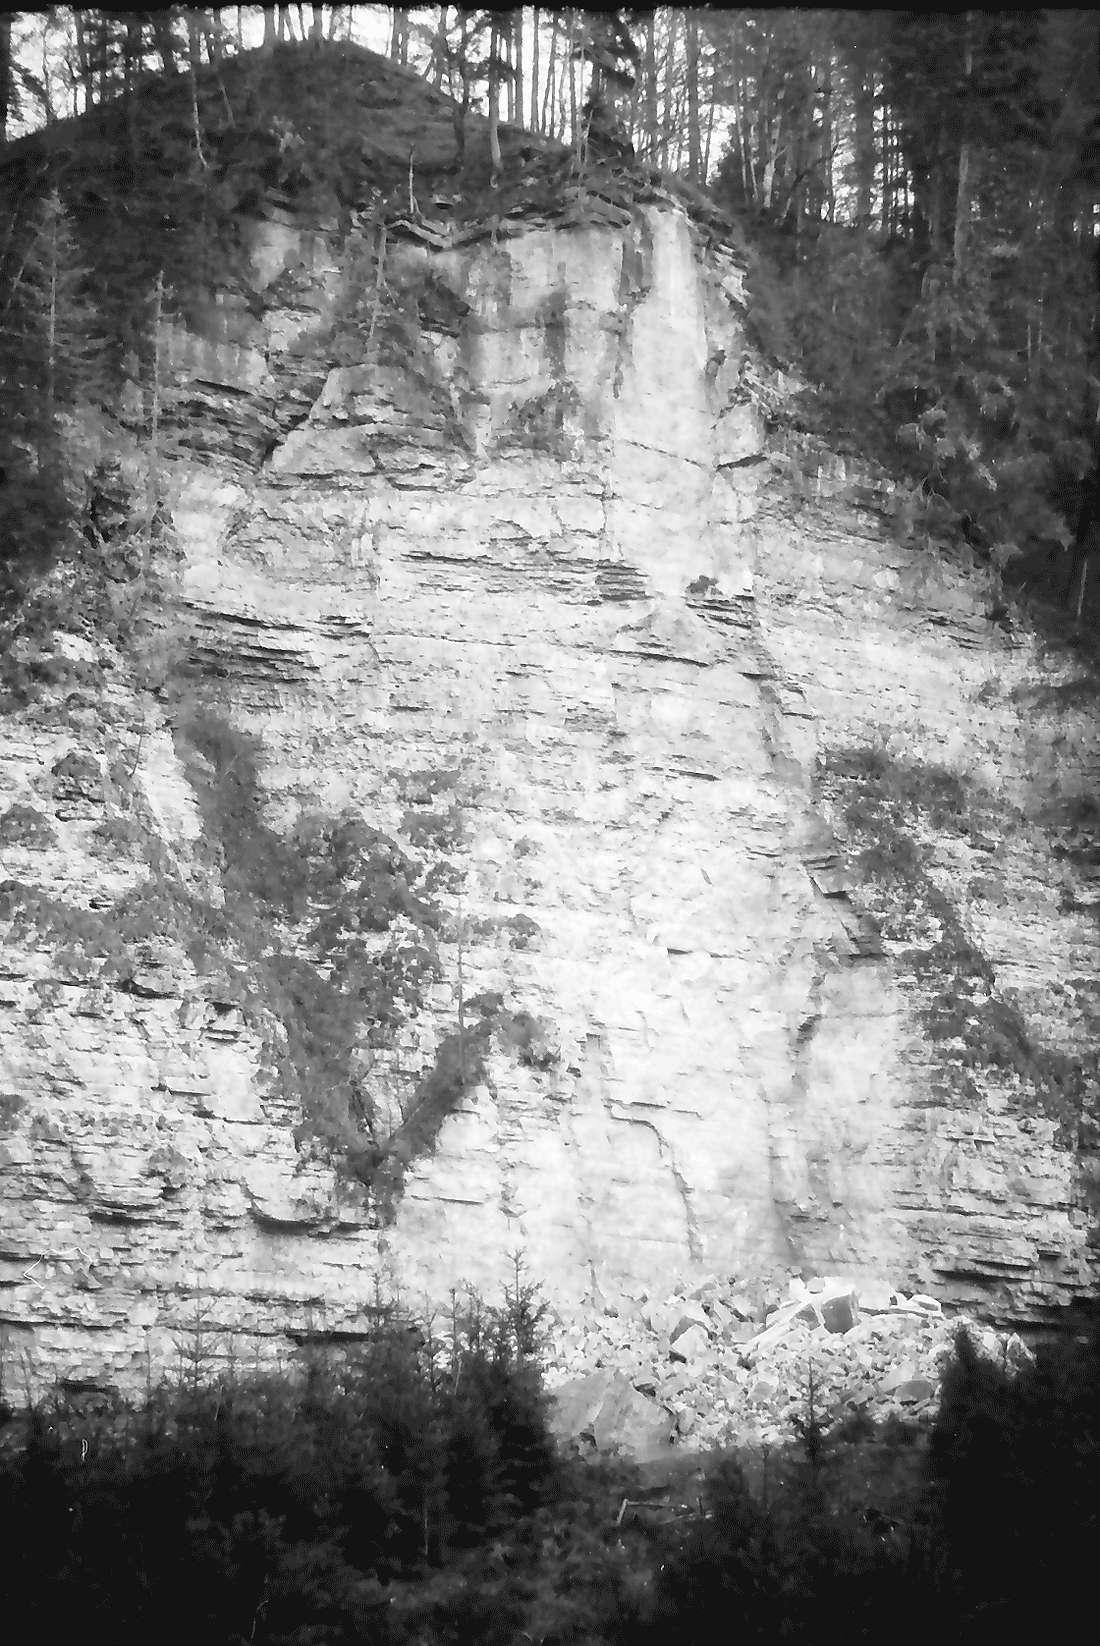 Münchingen: Felssturzkatastrophe am Rümmelefelsen; Bruchstelle mit niedergewalztem Wald; Hochpanoramaaufnahme, Bild 1